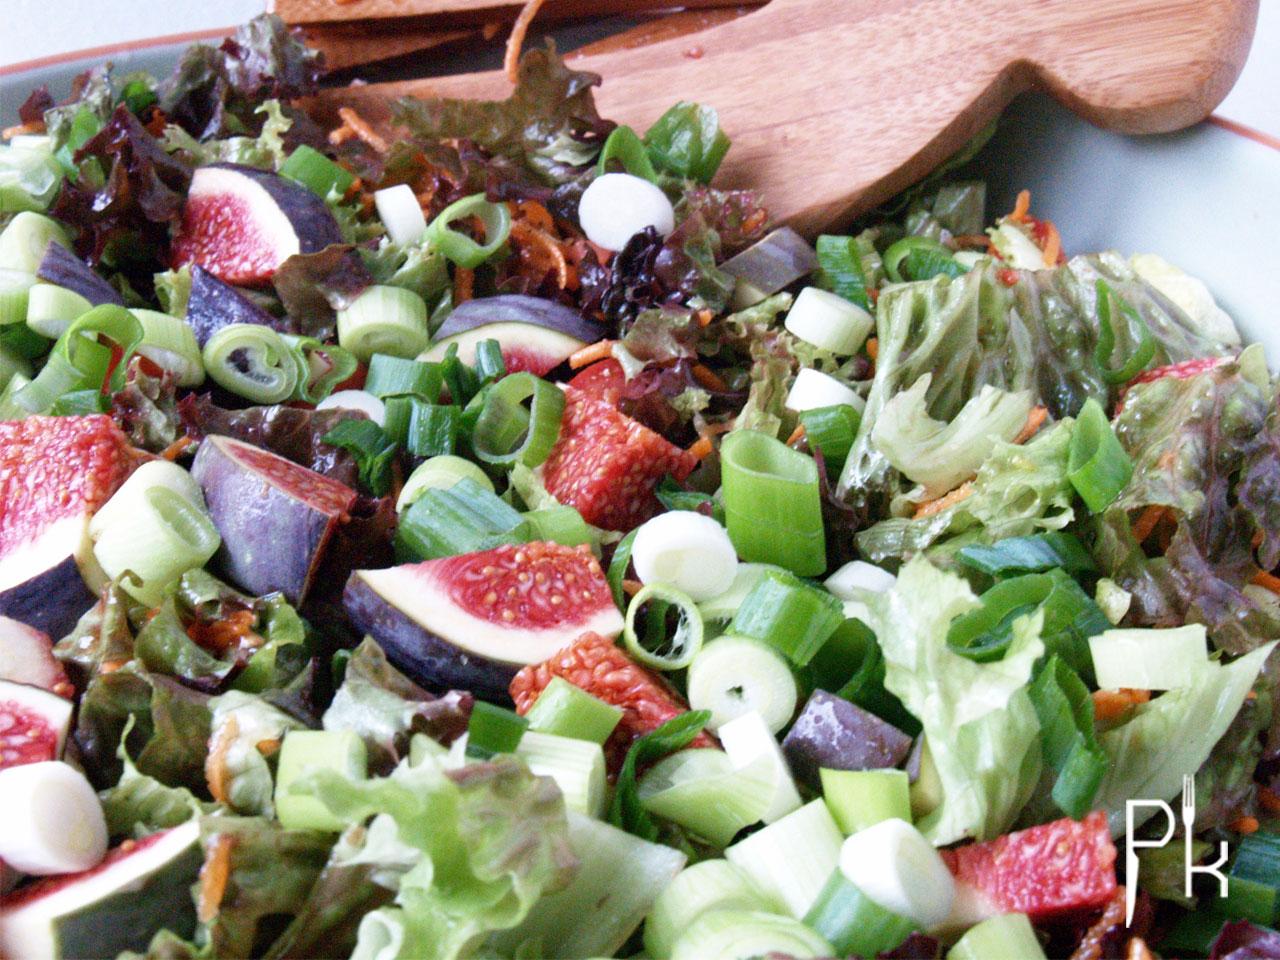 groene salade met vijgen